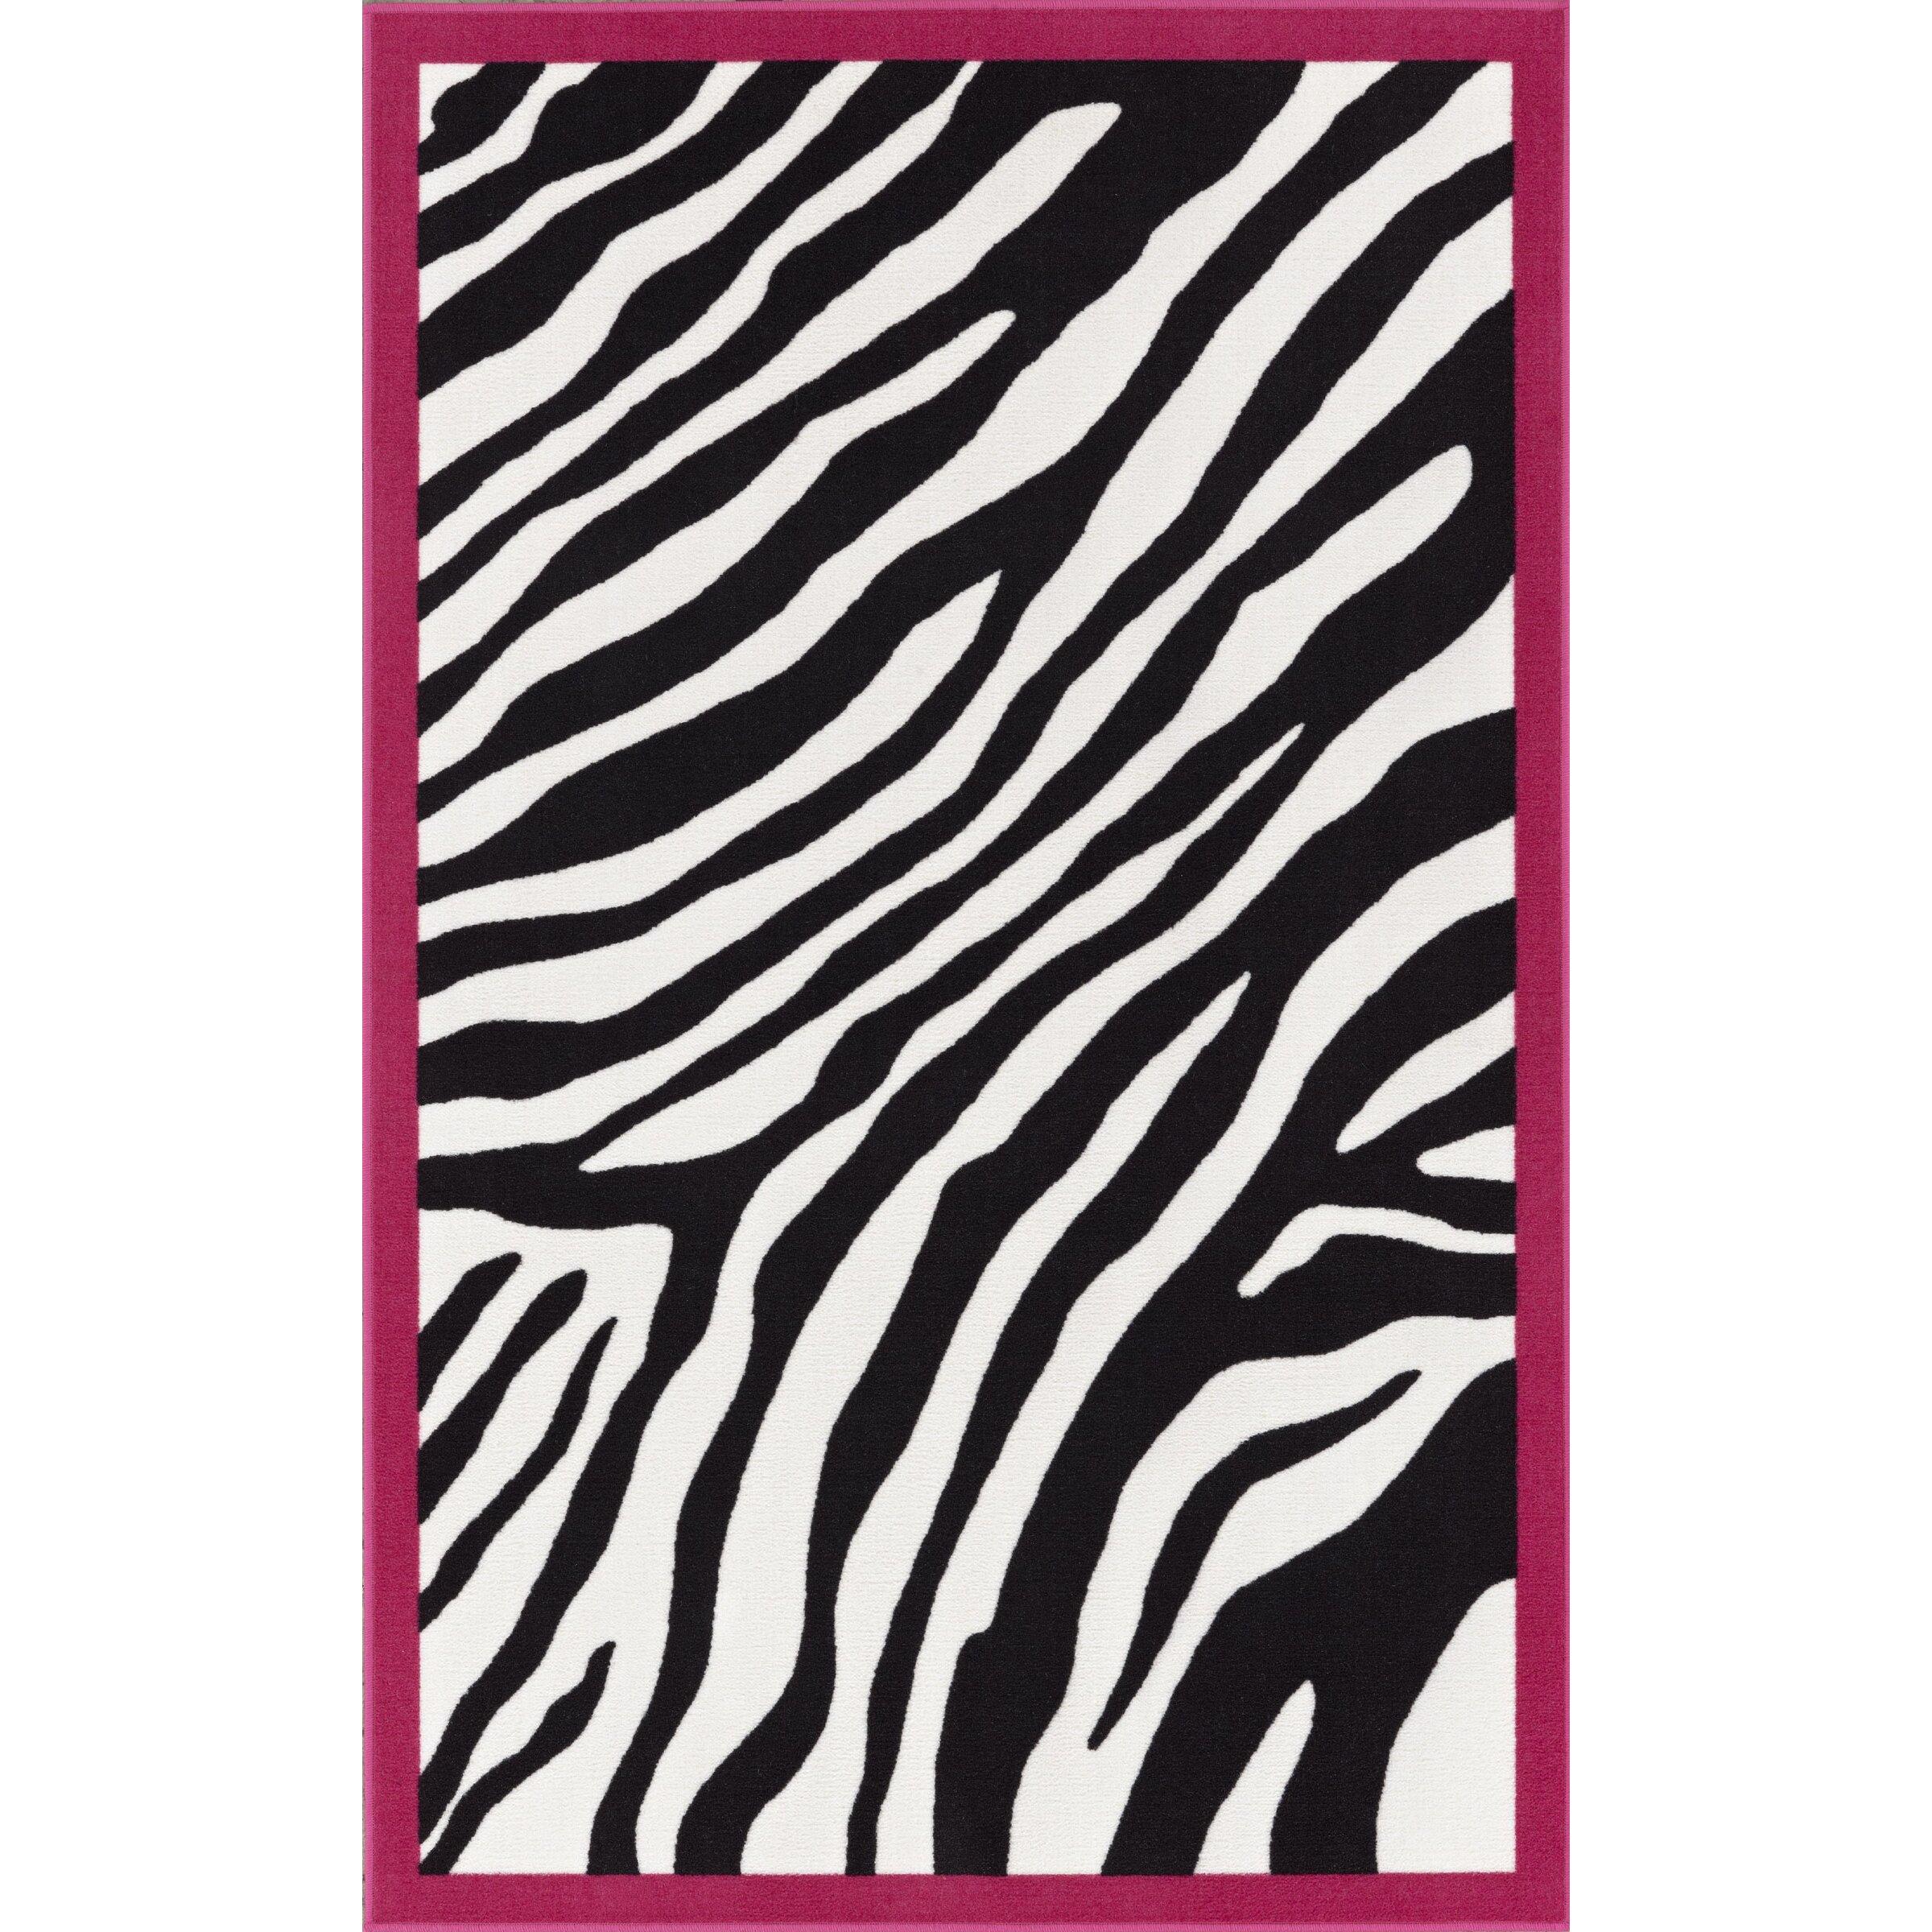 Zebra Rug Wayfair: Dalyn Rug Co. 4-Ever Young Animal Print Kids Rug & Reviews